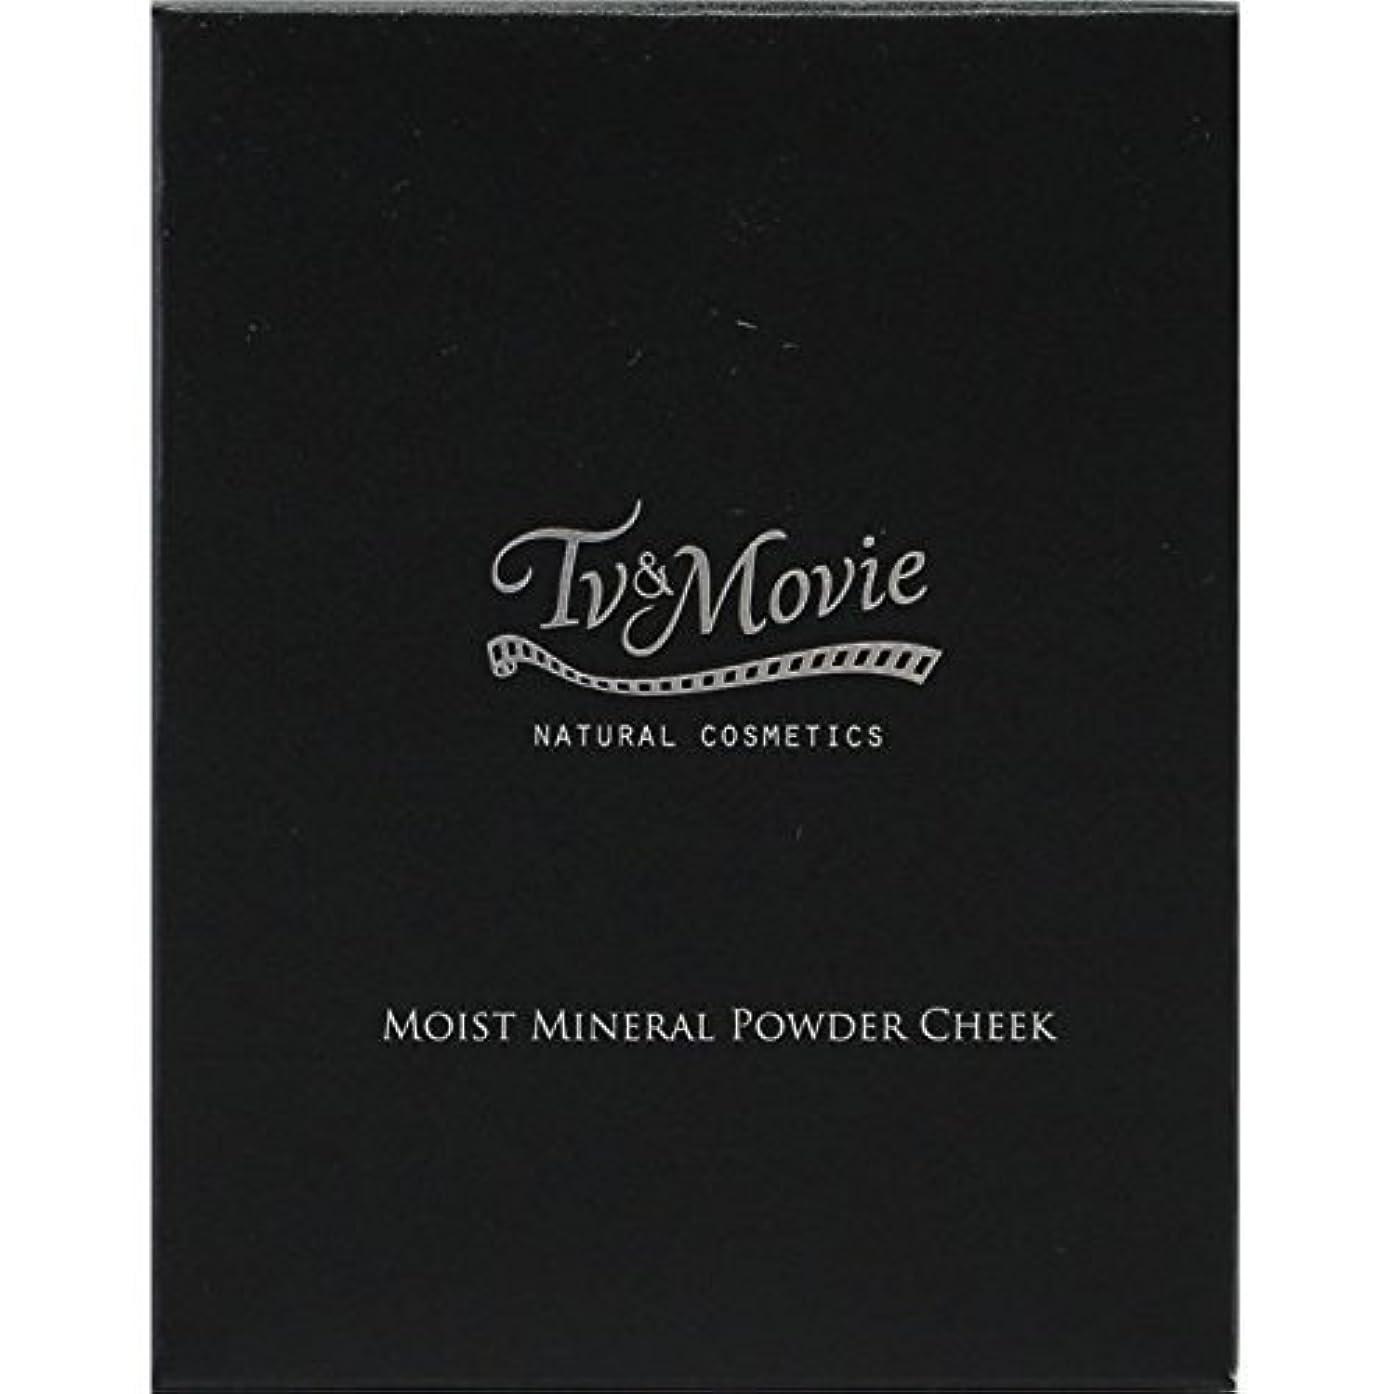 主婦ほめるヘビーTv&Movie モイストミネラル パウダーチーク 02 スイートオレンジ 5g